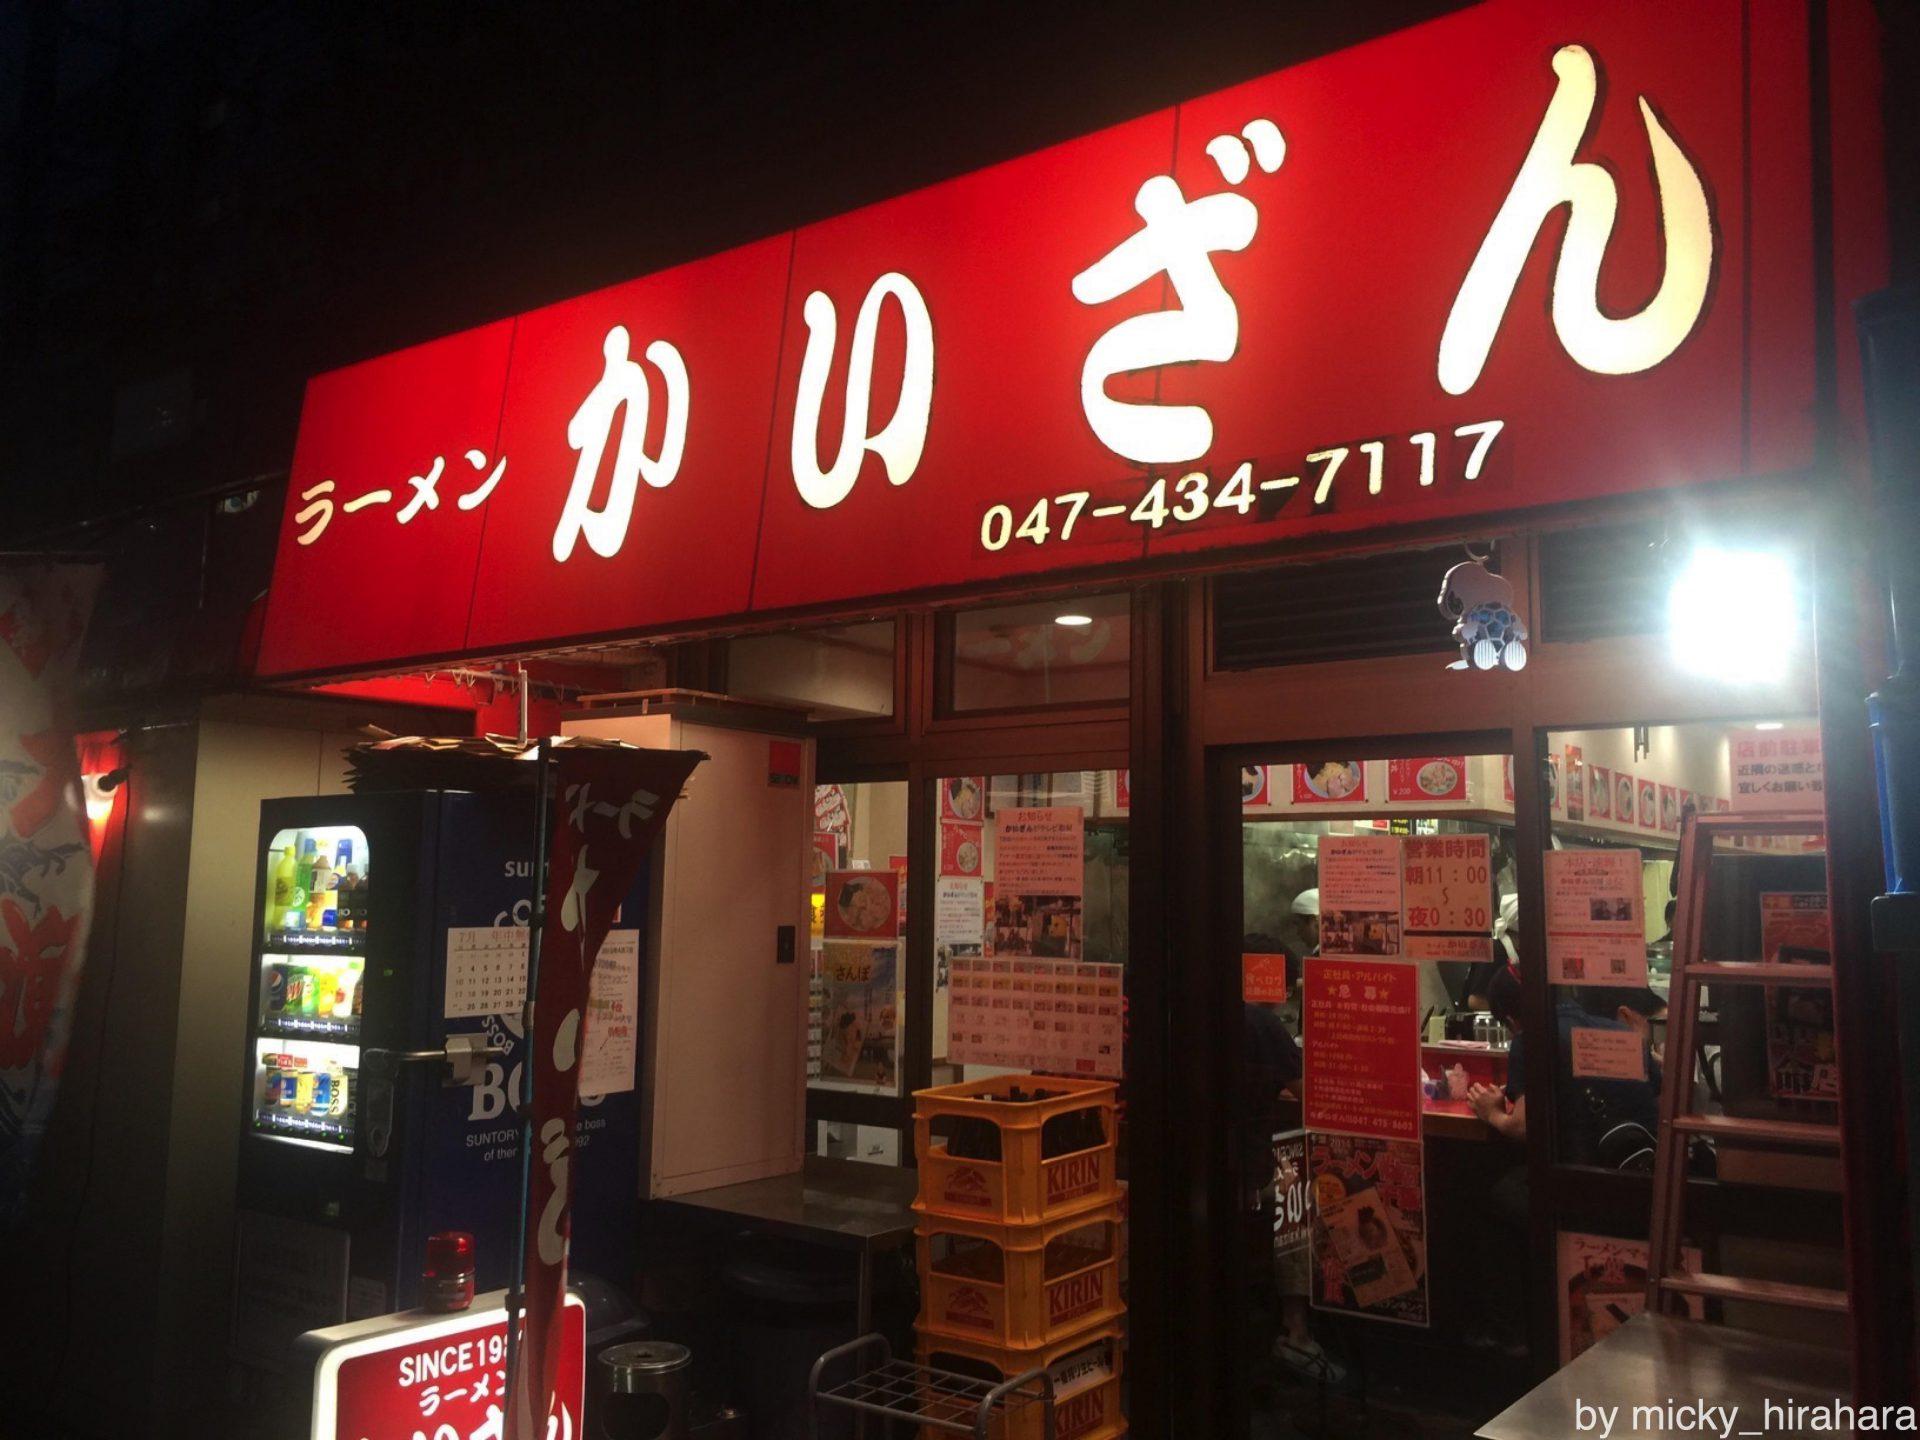 かいざん西船橋店:ネギラーメン好きにおススメのラーメンショップ!